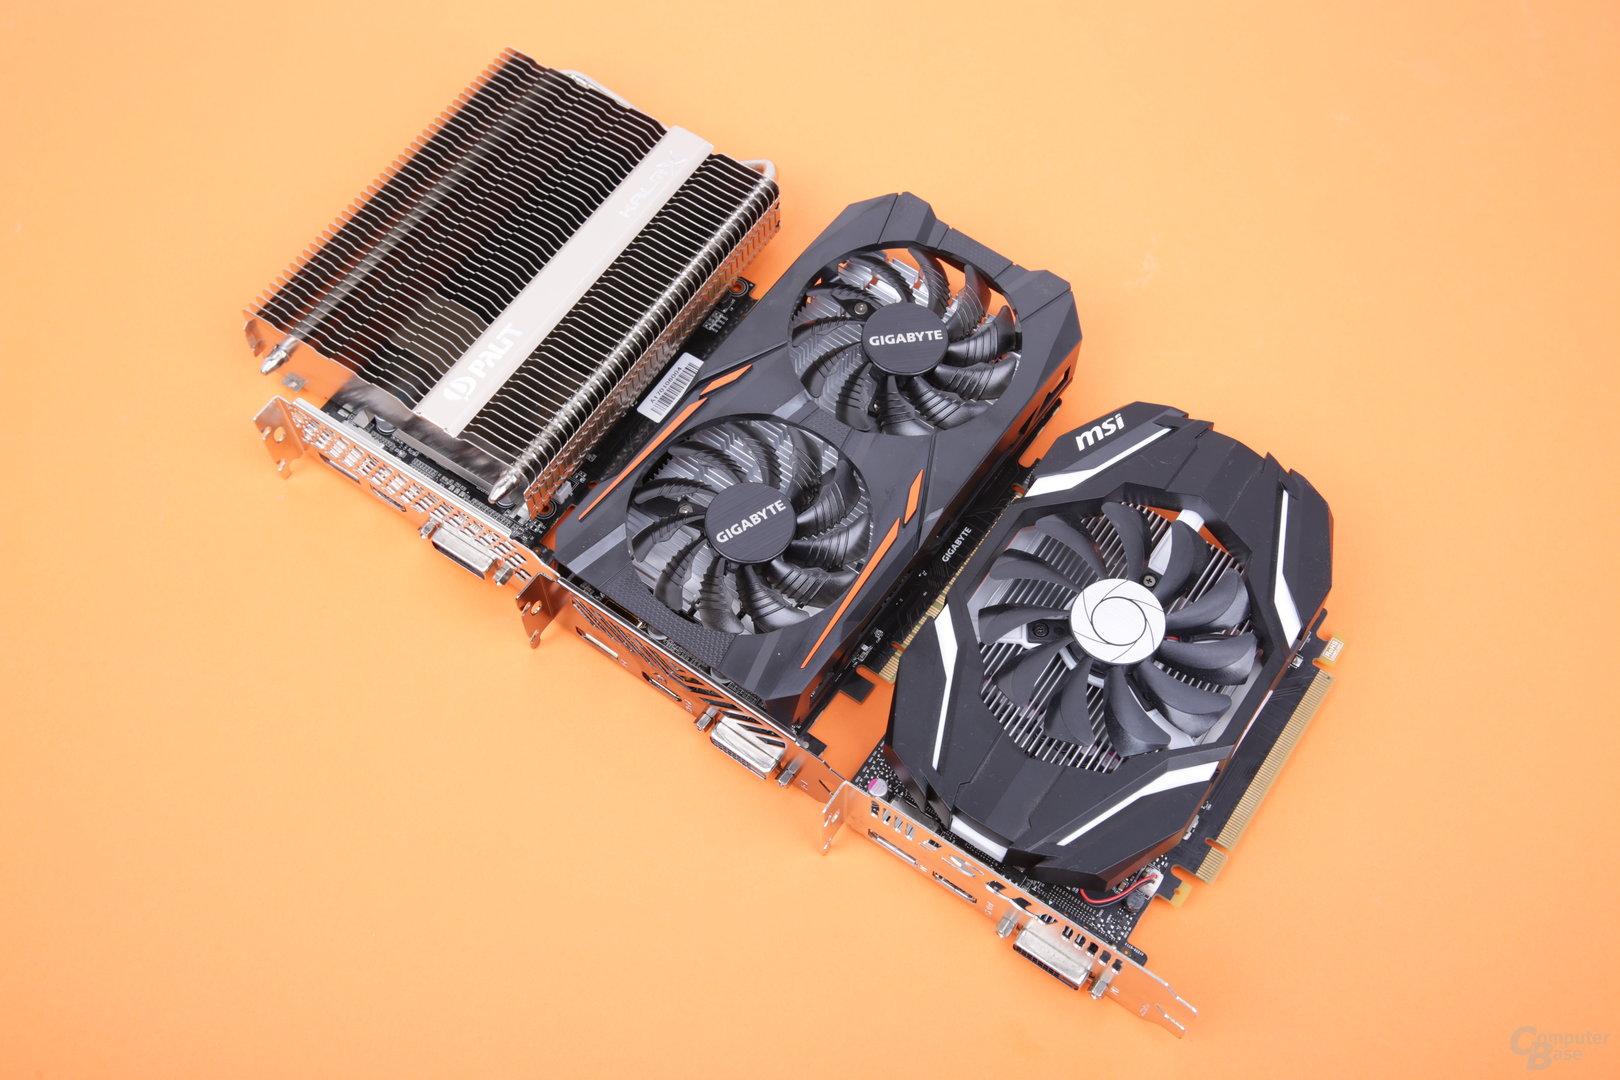 GTX 1050 Ti (oben), GTX 1050 3 GB (Mitte) und GTX 1050 (unten)